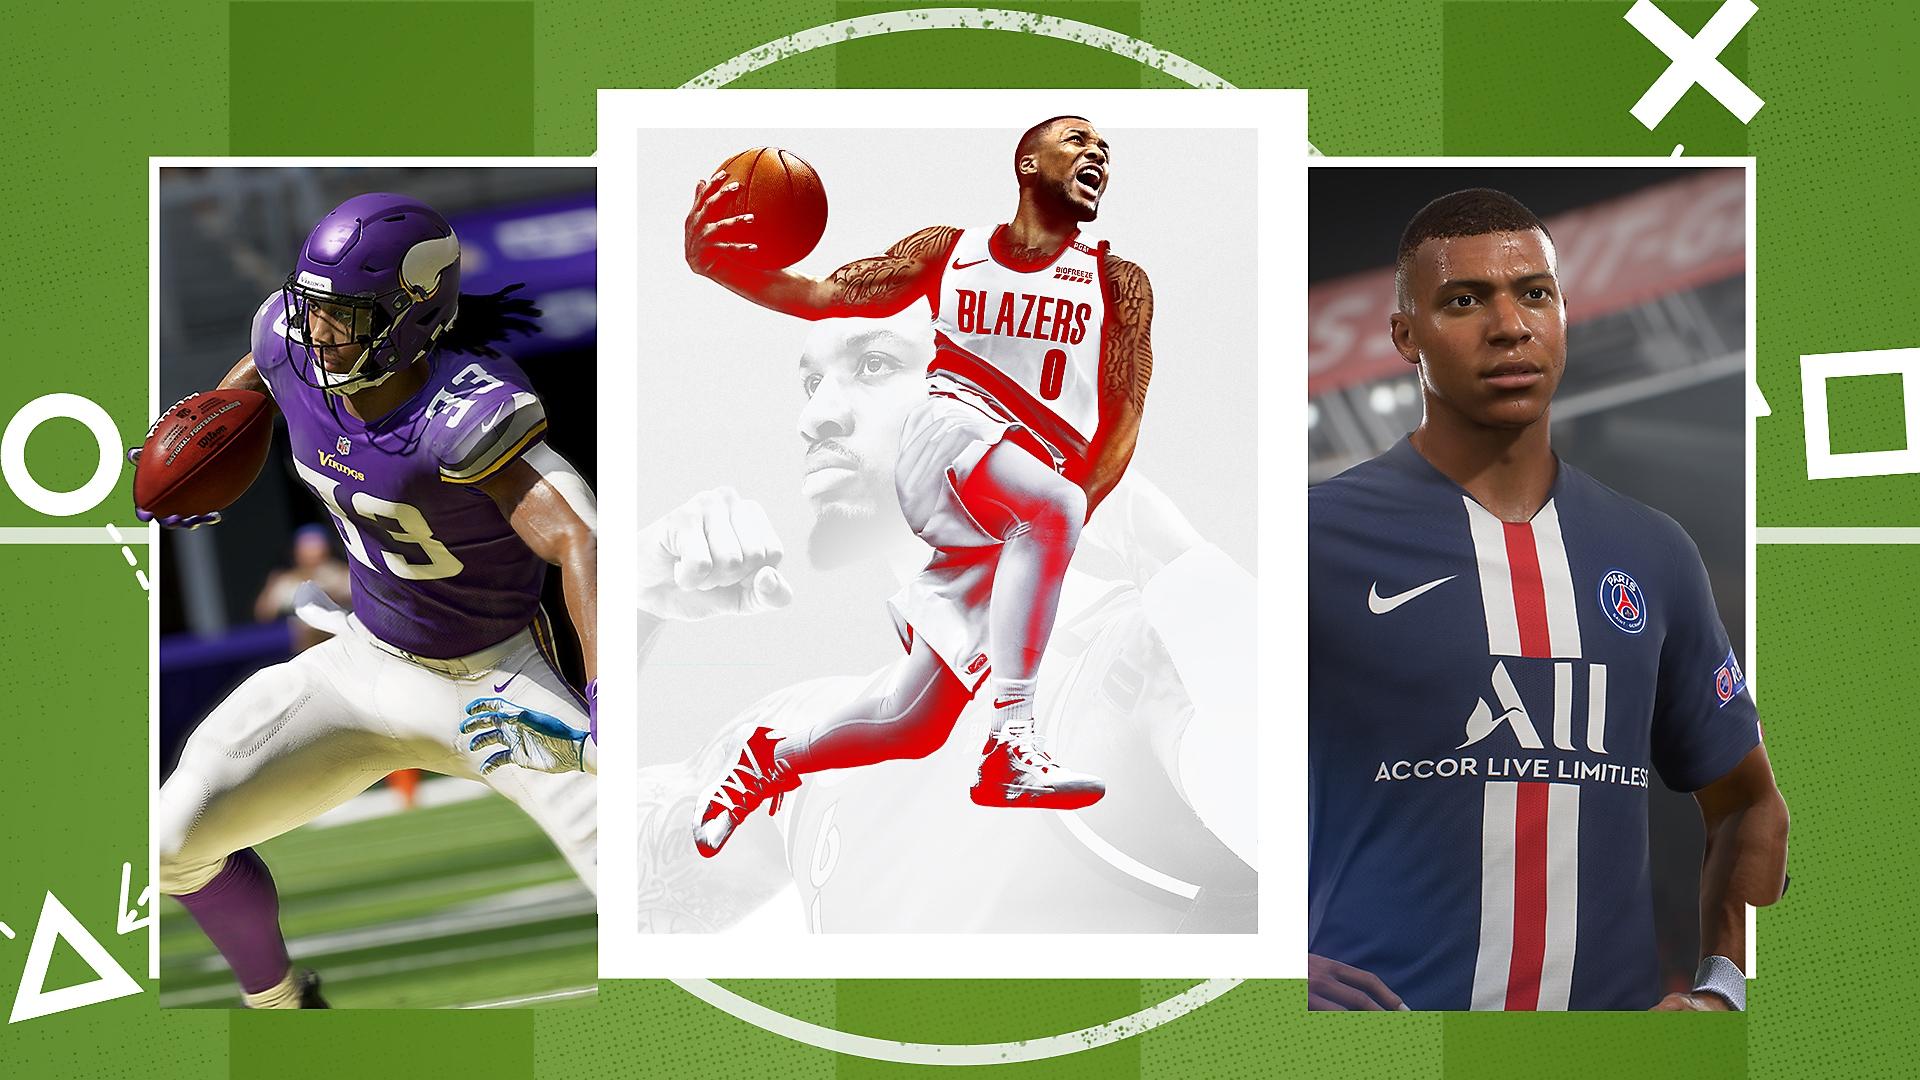 الصورة الفنية الترويجية لأفضل الألعاب الرياضية على PS4